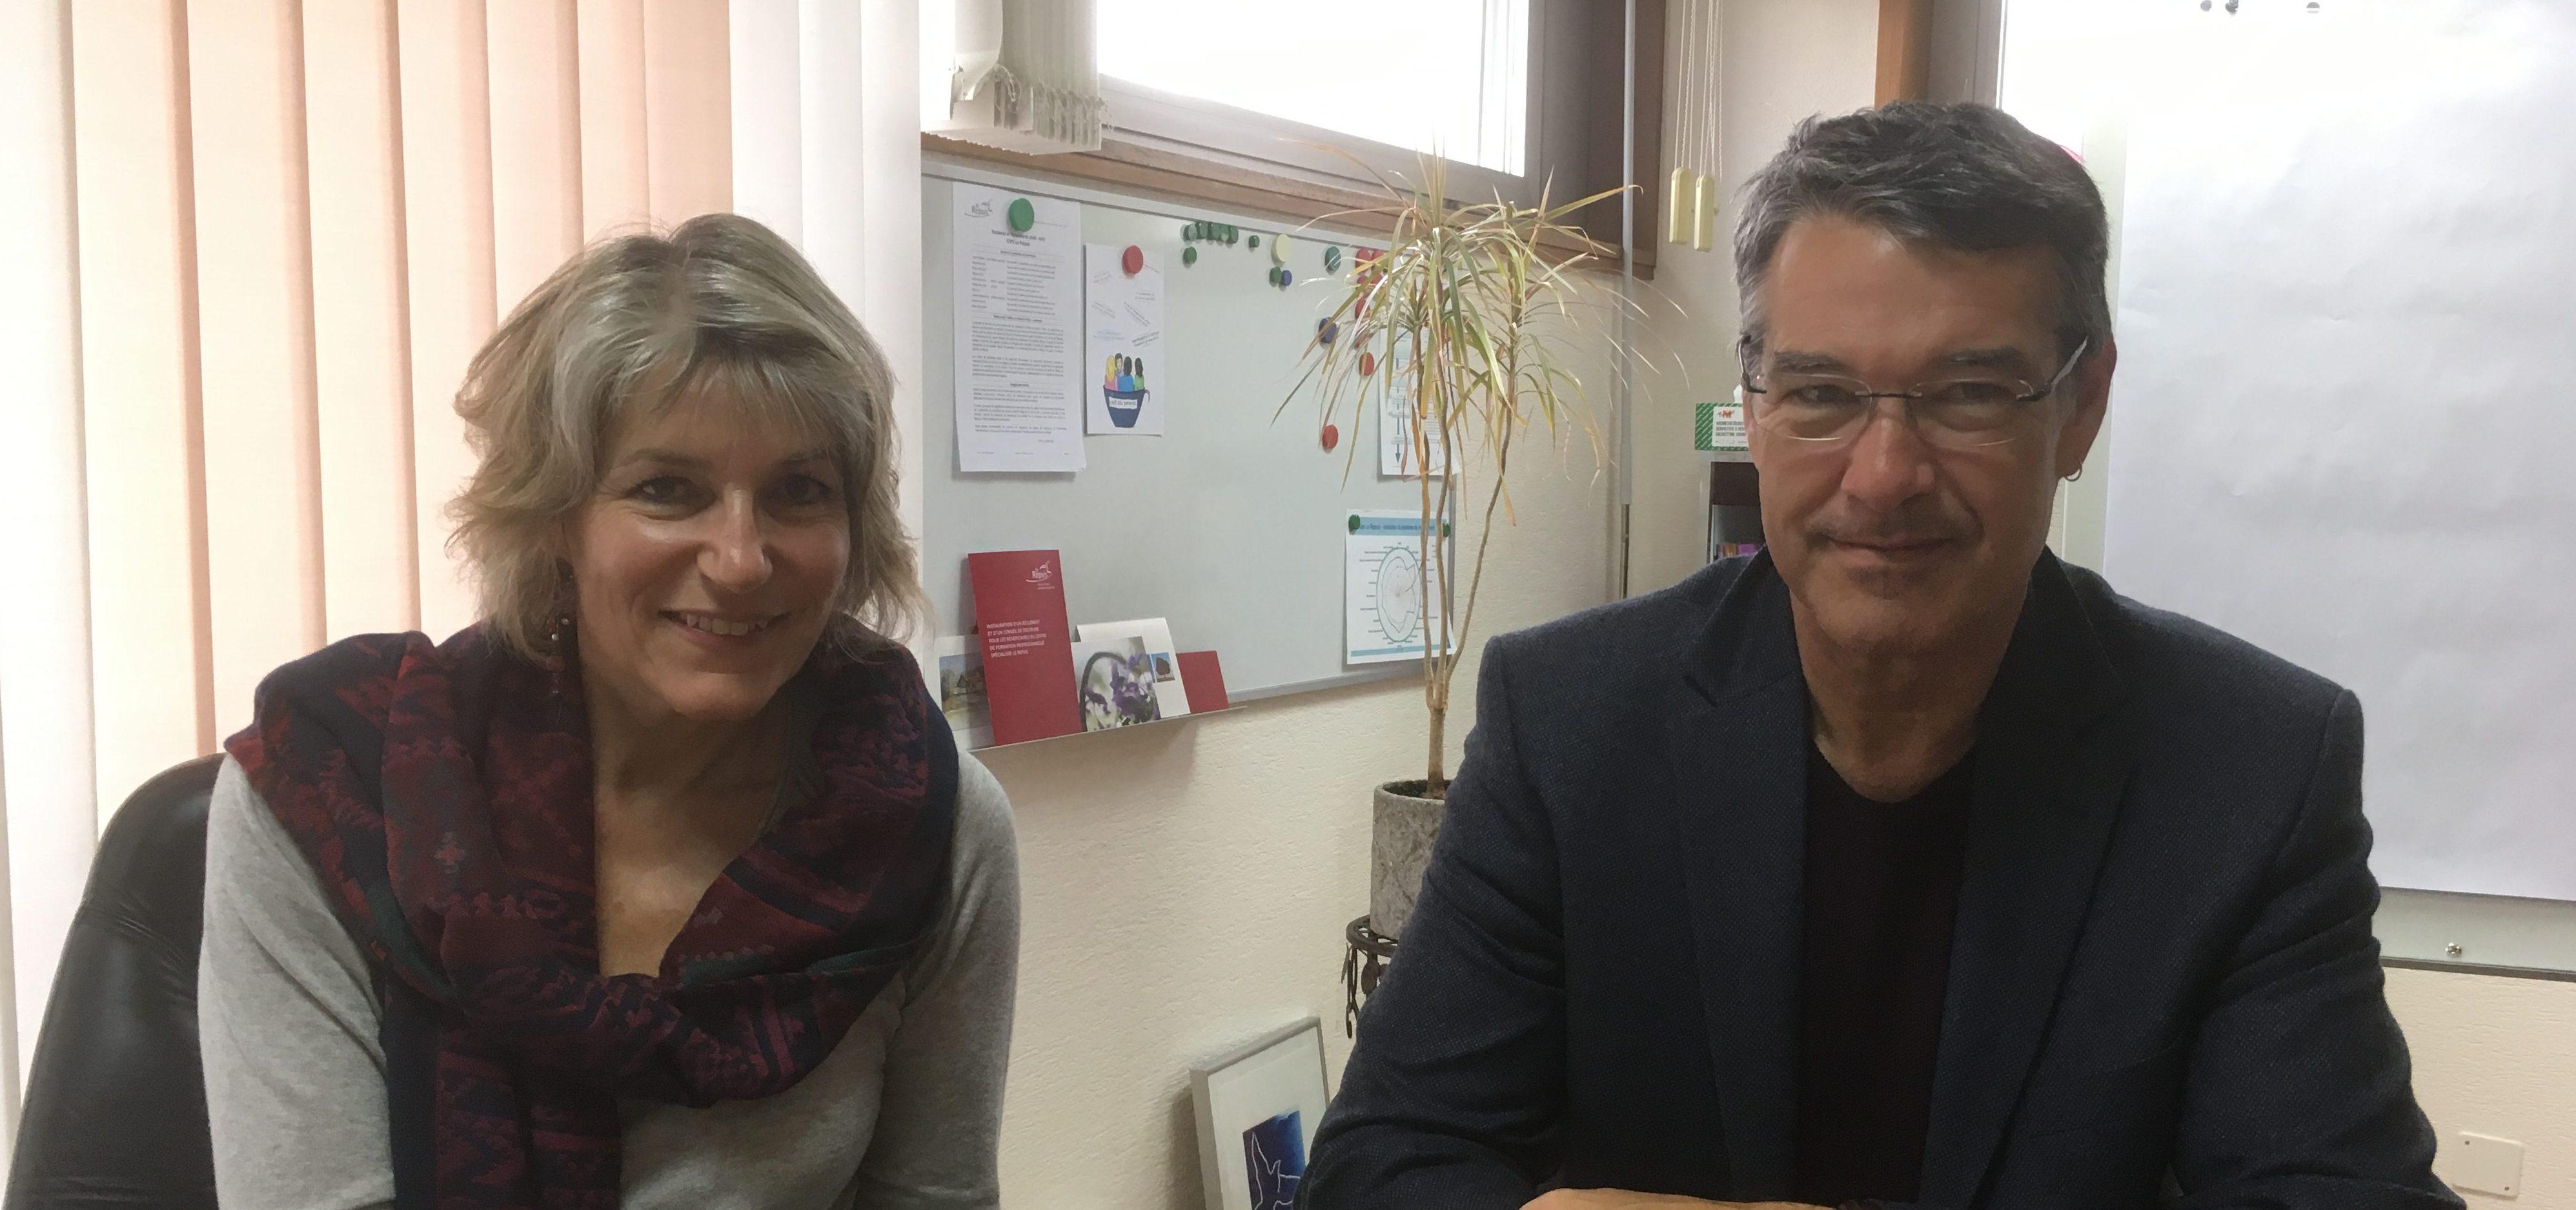 Vaud : Le Repuis, des formations professionnelles sur mesure